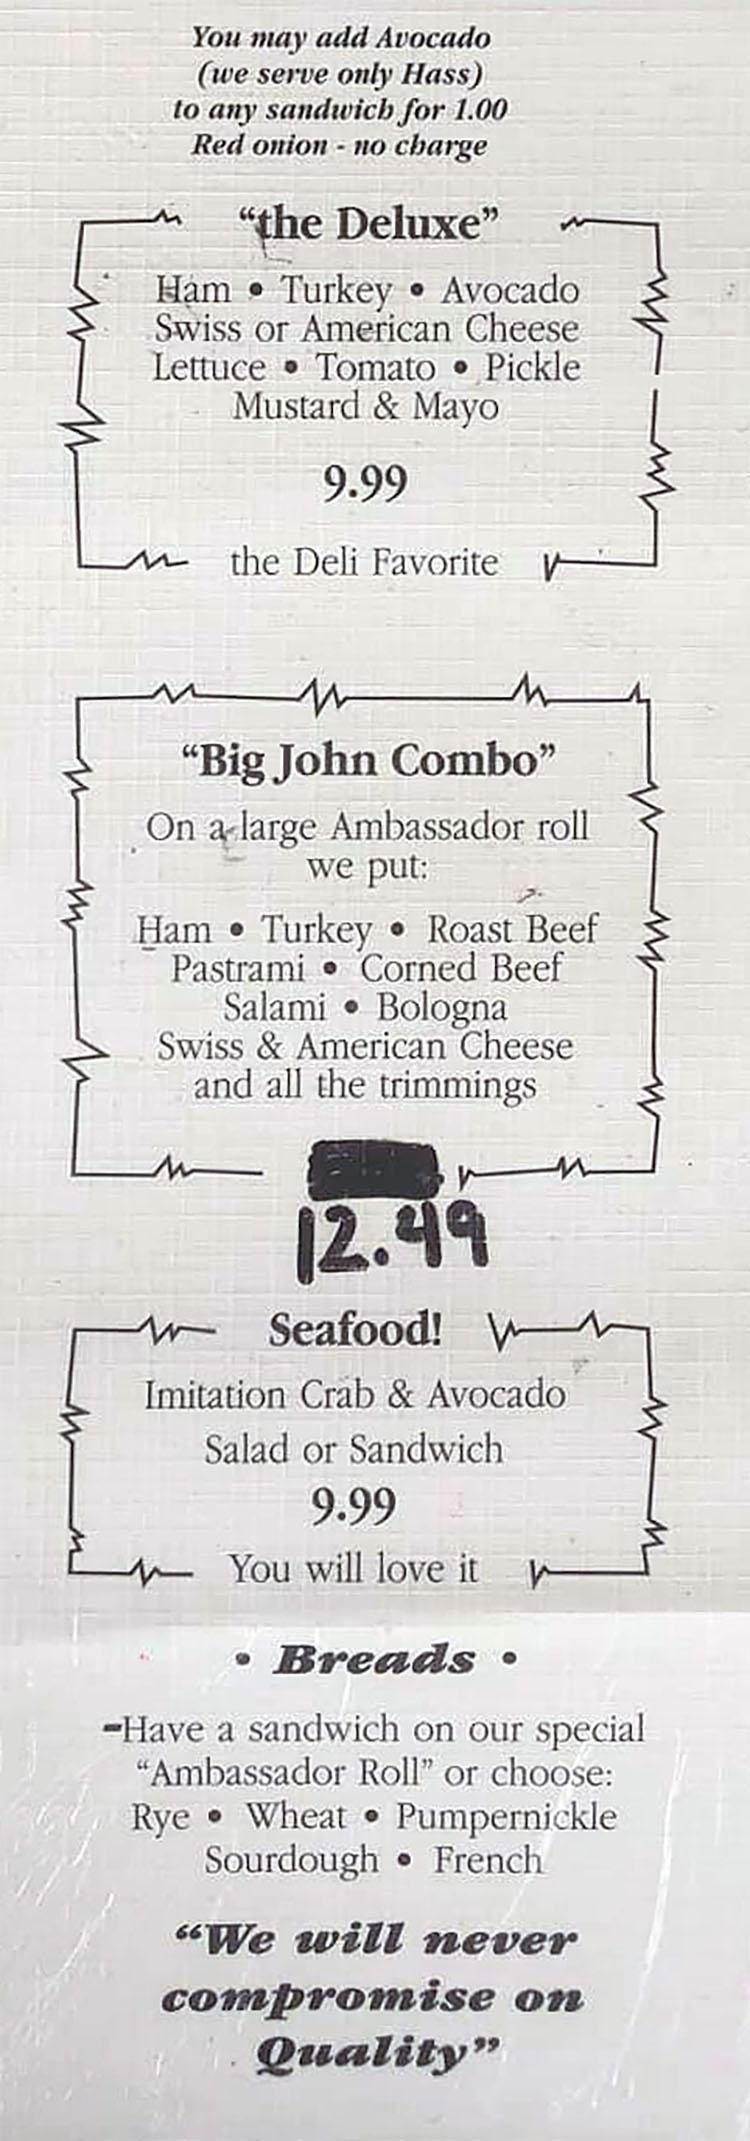 Grove Market & Deli menu - sandwiches, breads